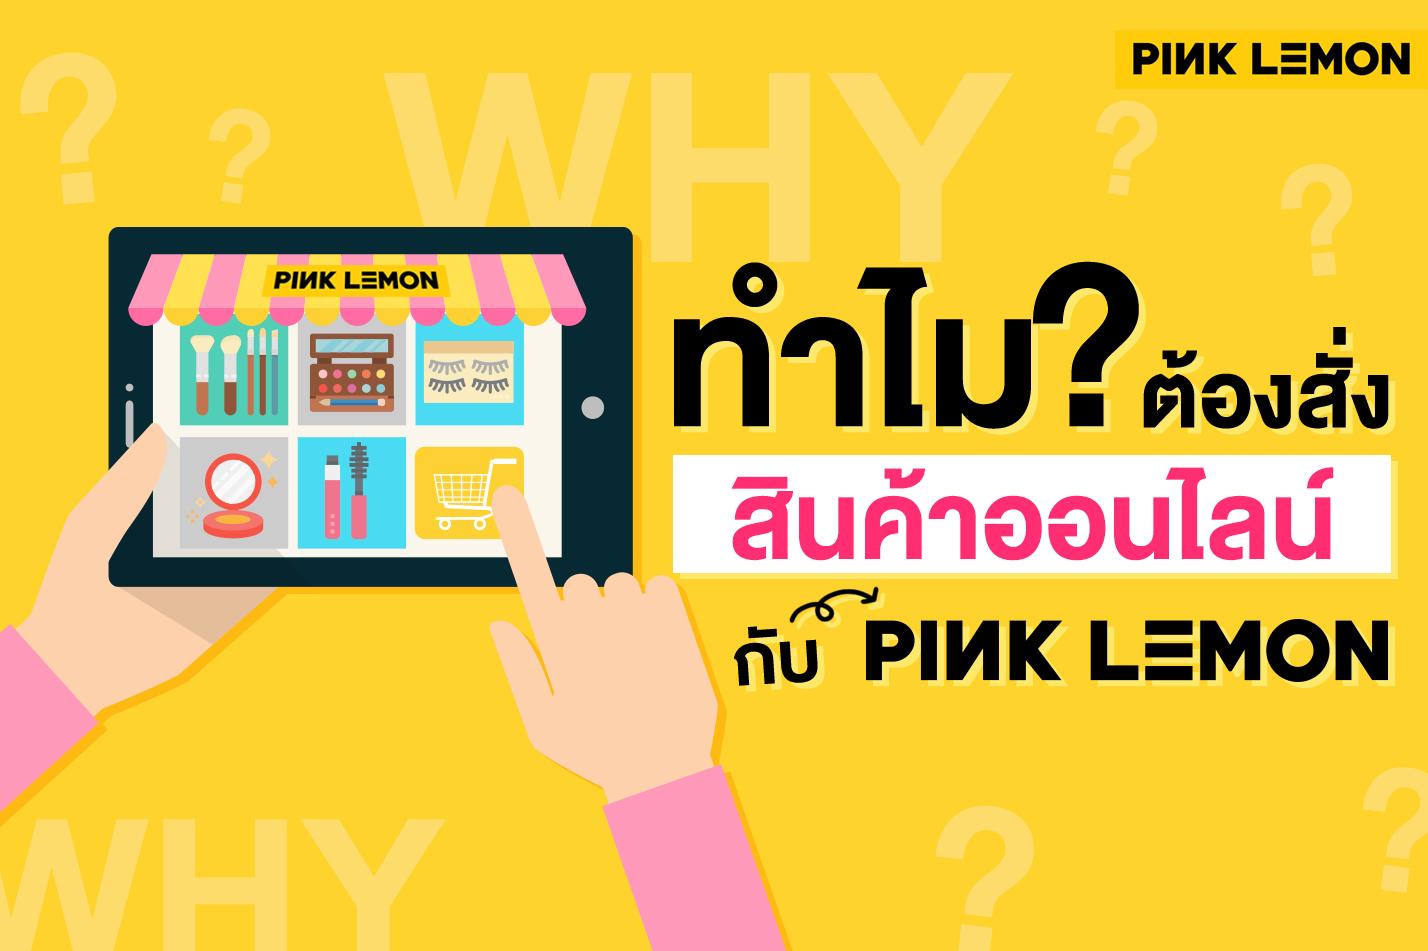 ทำไมต้องสั่งสินค้าออนไลน์กับ Pink Lemon